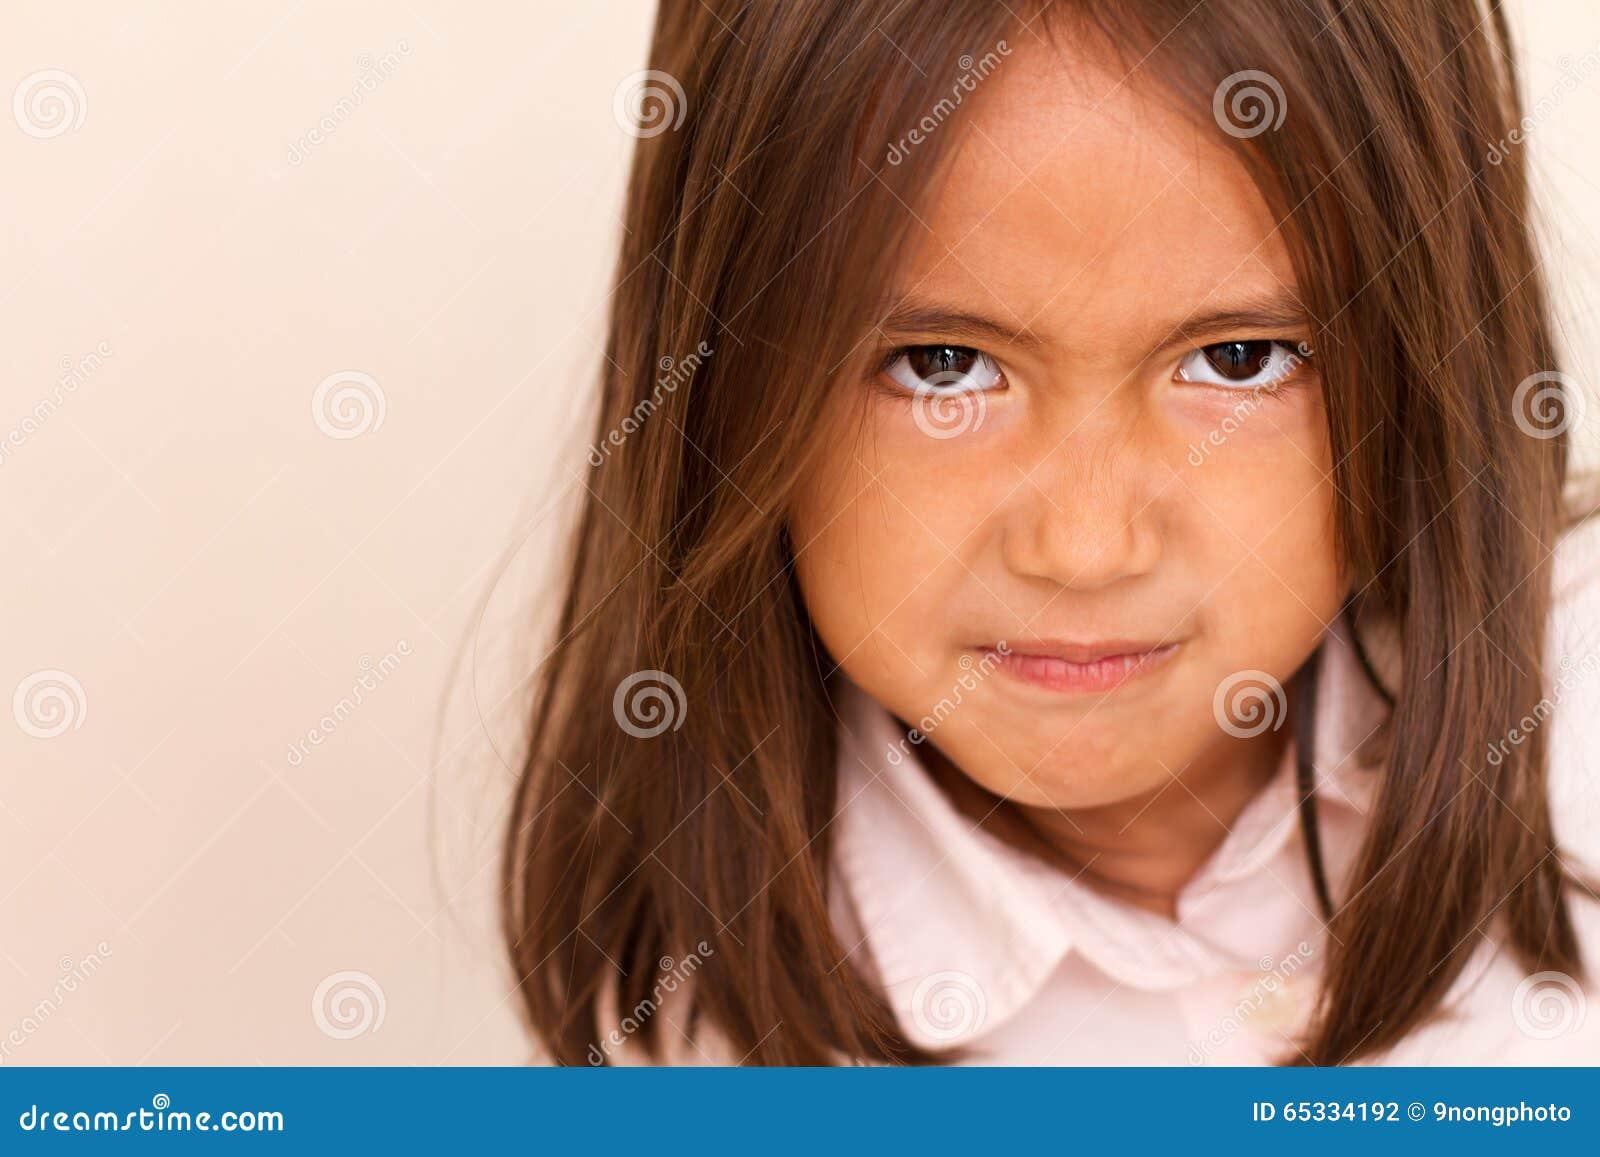 Stående av den ilskna upprivna lilla flickan